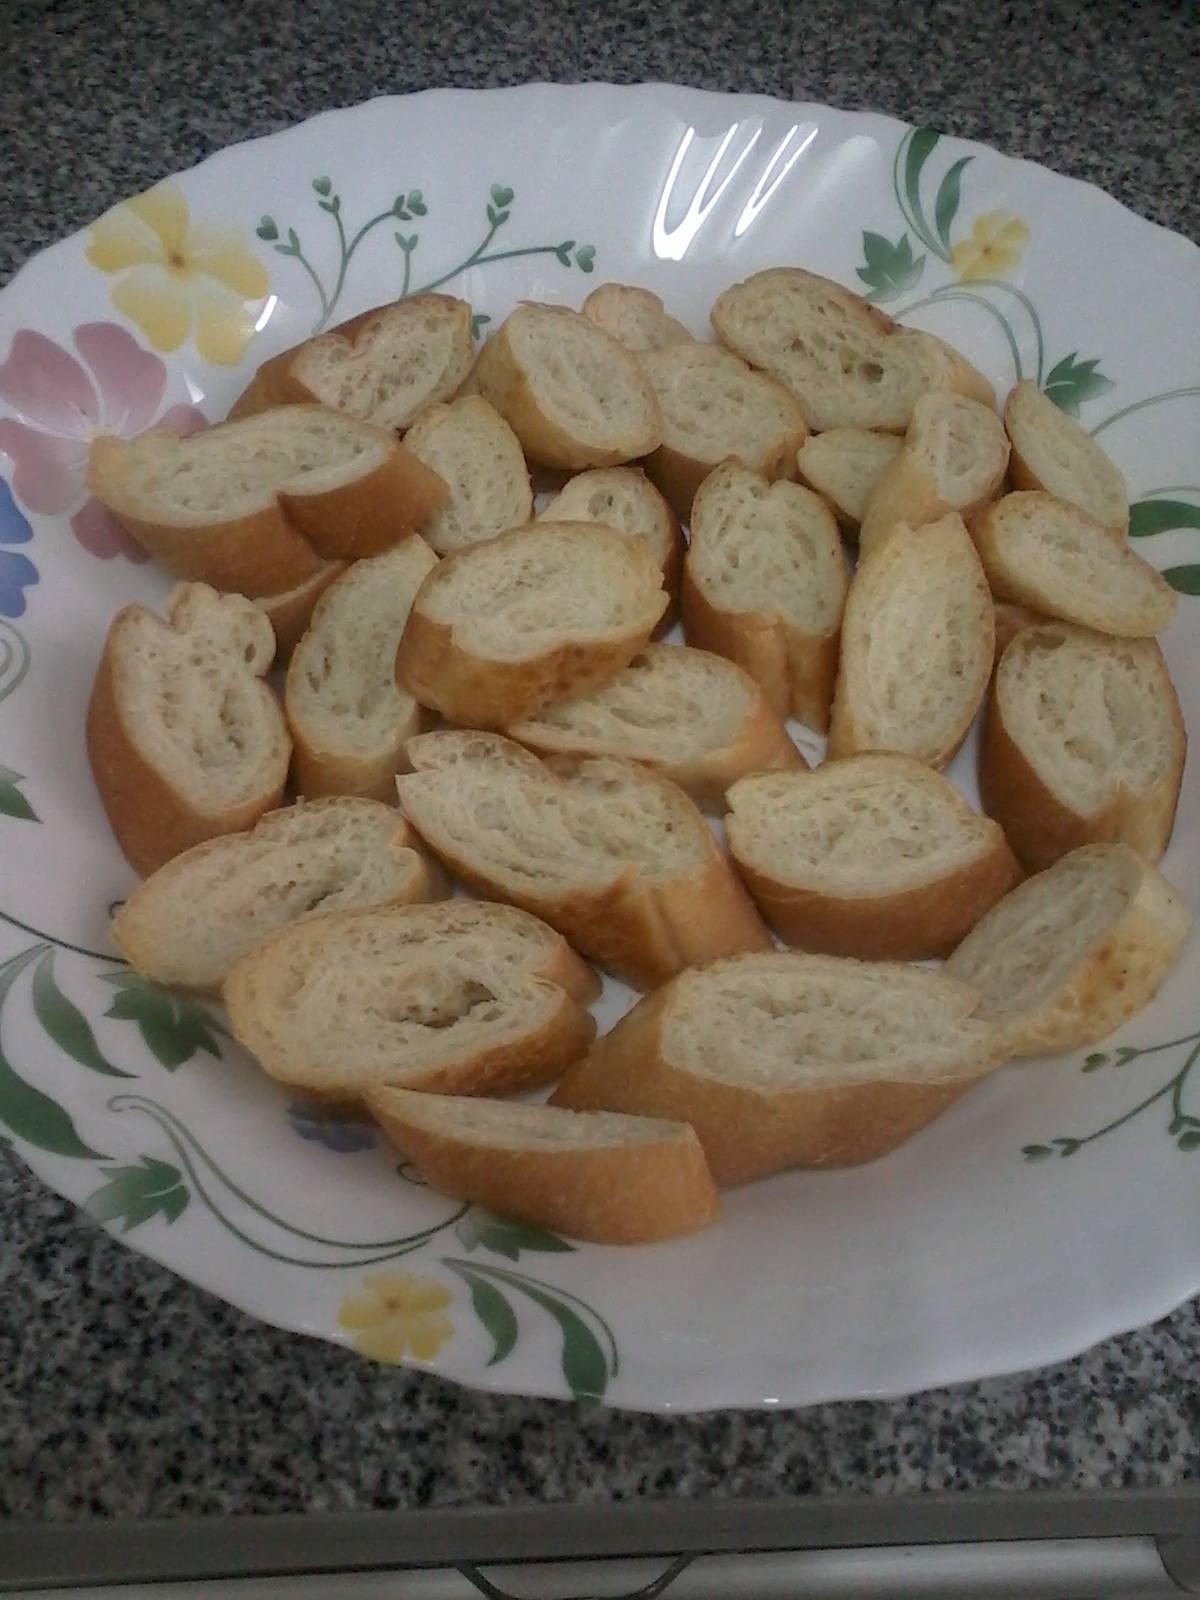 Фатта. Блюдо из риса с мясом. Египетская кухня. 7d87cb813427db1989a7fa948b3bee6a29c4da91160662